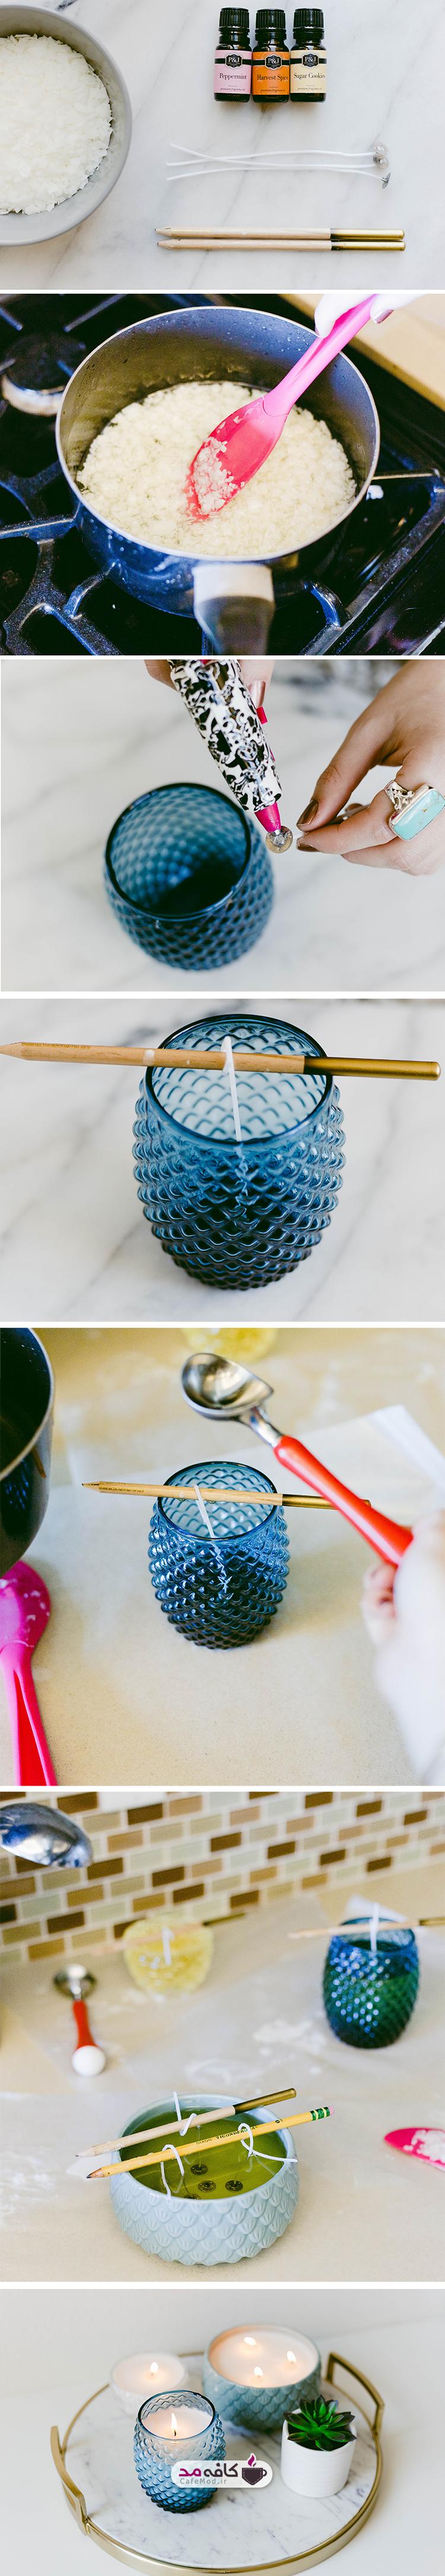 آموزش ساخت شمع های لیوانی